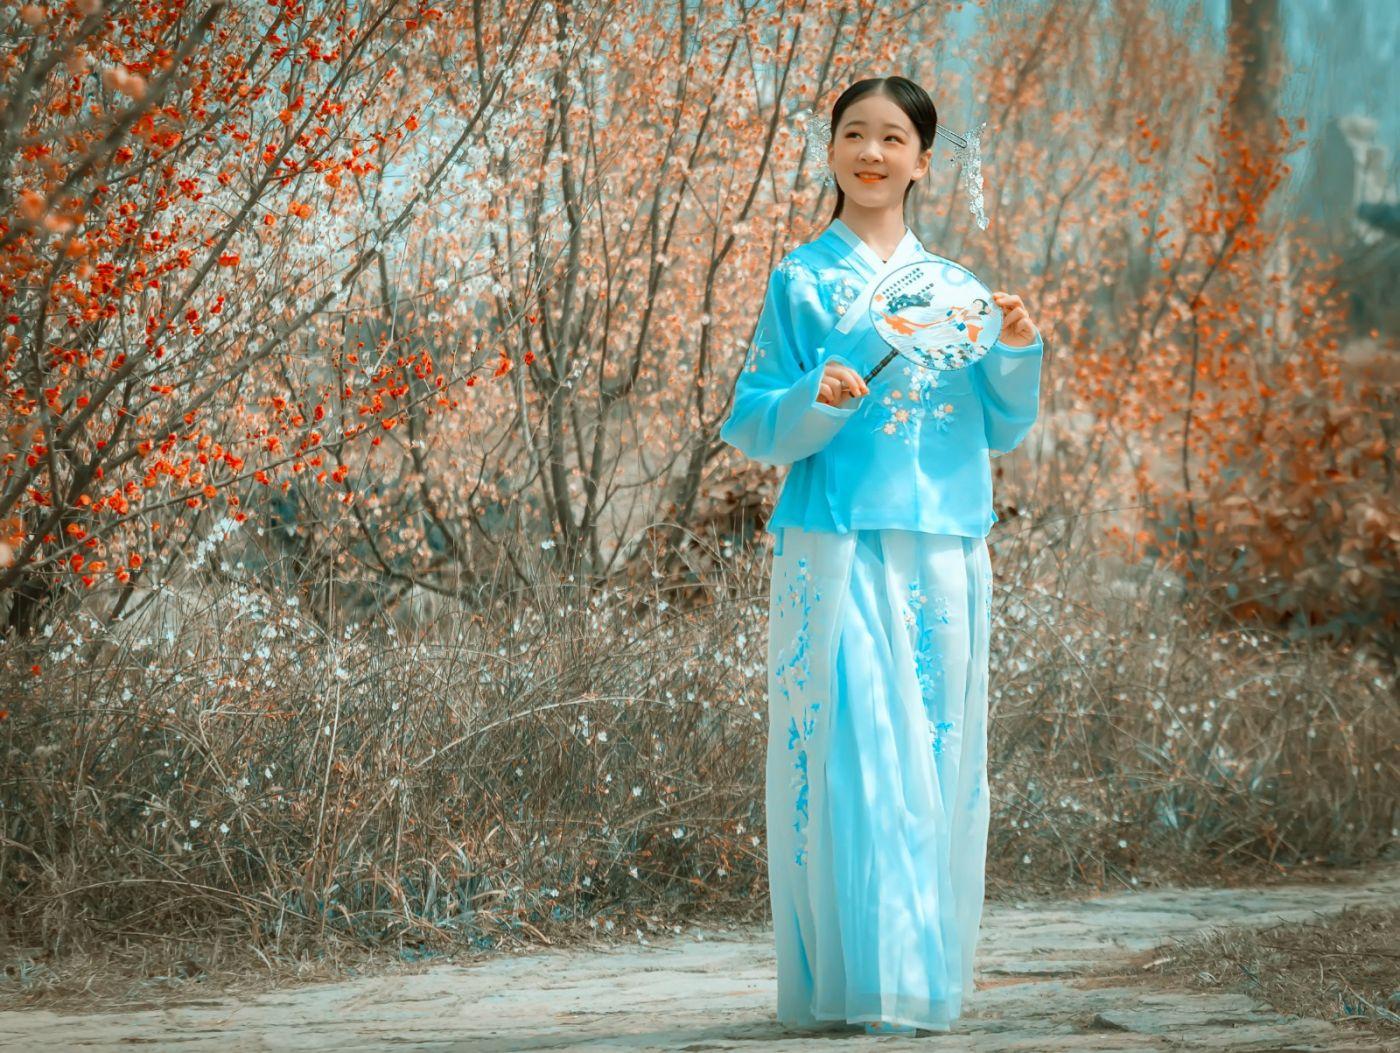 小长今伏怡宁费县游园 惊起一滩鸥鹭 众多摄影人争相拍摄_图1-12